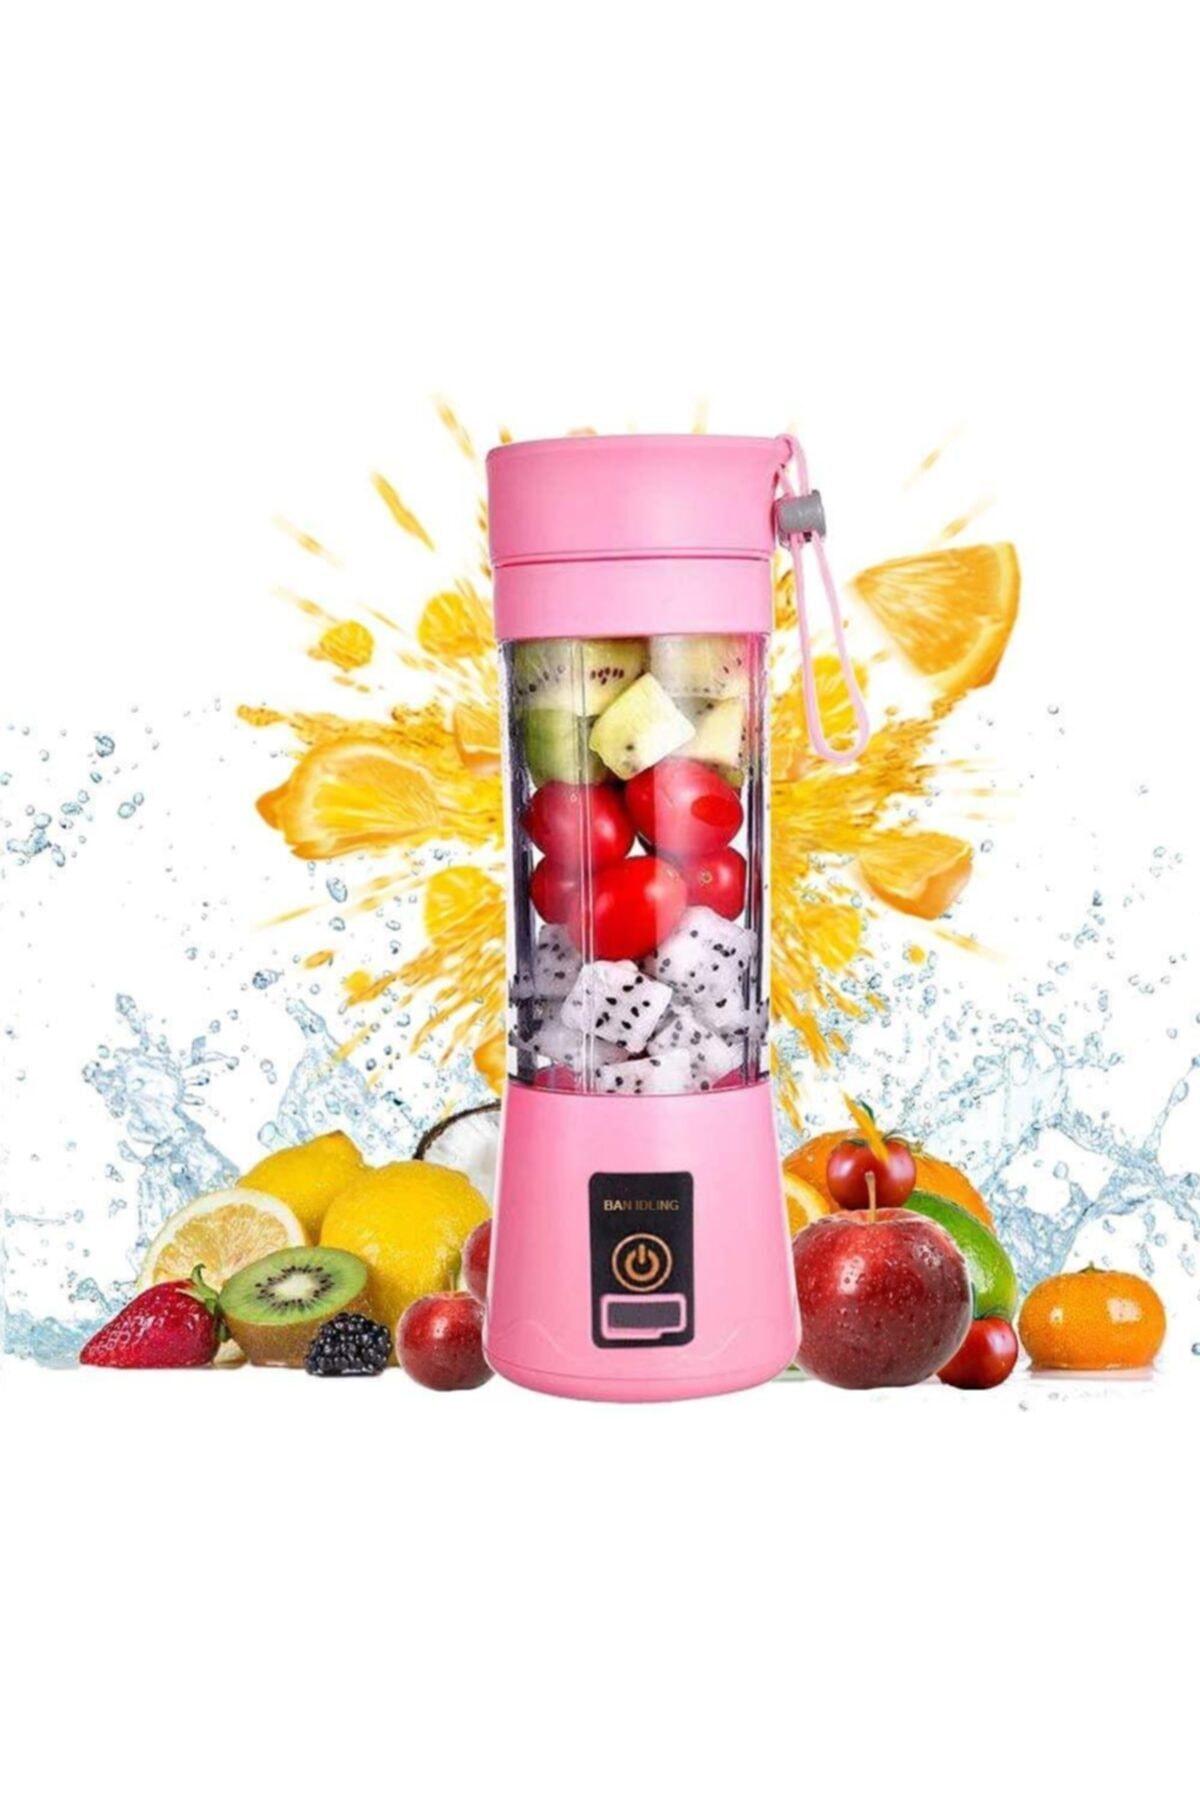 Nettenevime Taşınabilir Blender Kişisel Mikser Usb Elektirikli Meyve Sıkacağı Mini Mikser Mutfak Robotu Mor 1